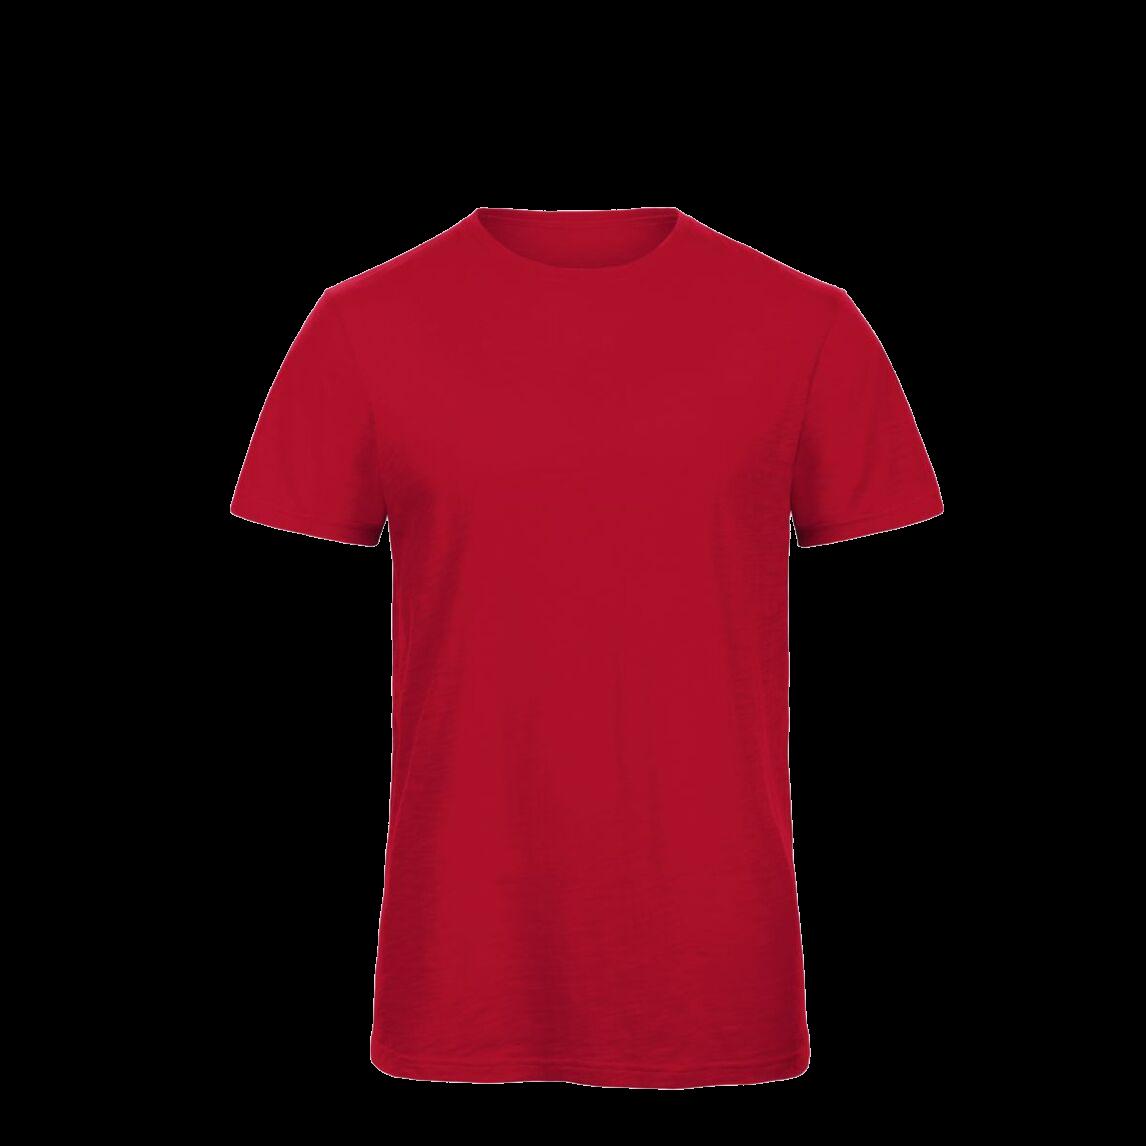 2express magliette personalizzate milano